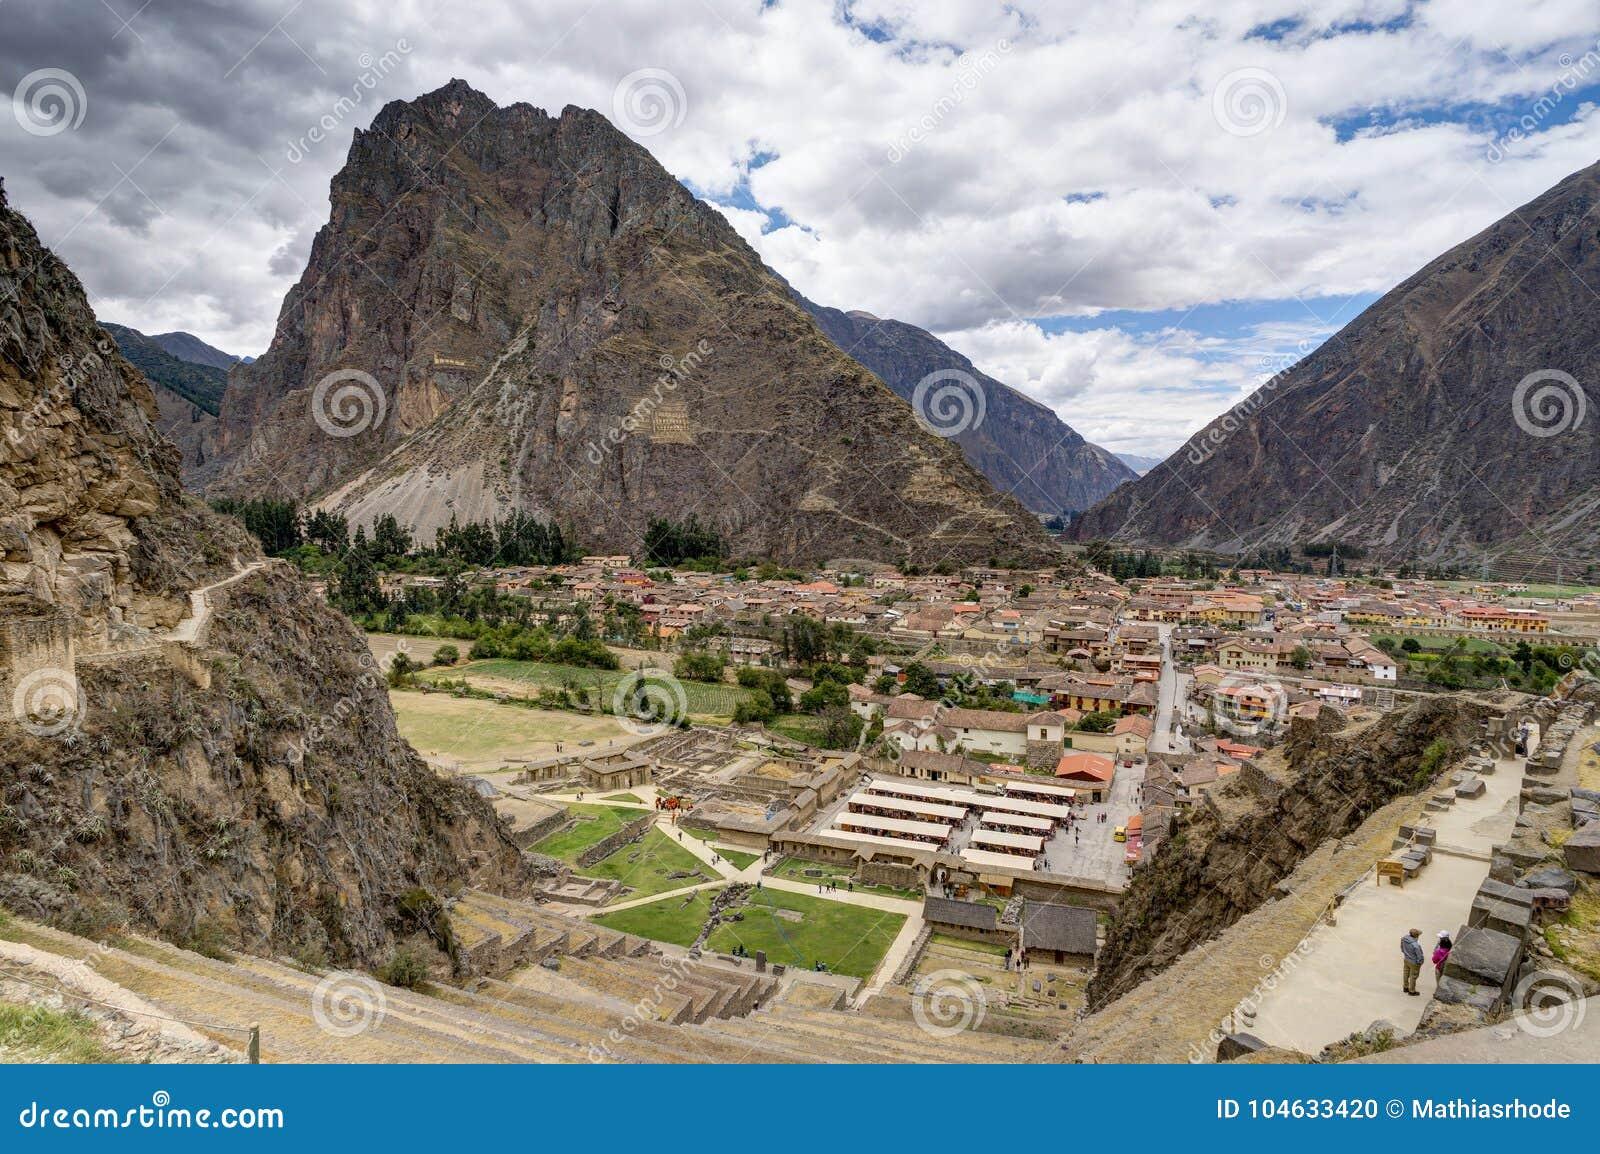 Download Mening Over Ollantaytambo Peru Met Blauwe Hemel En Wolken Stock Foto - Afbeelding bestaande uit verhoging, landschap: 104633420